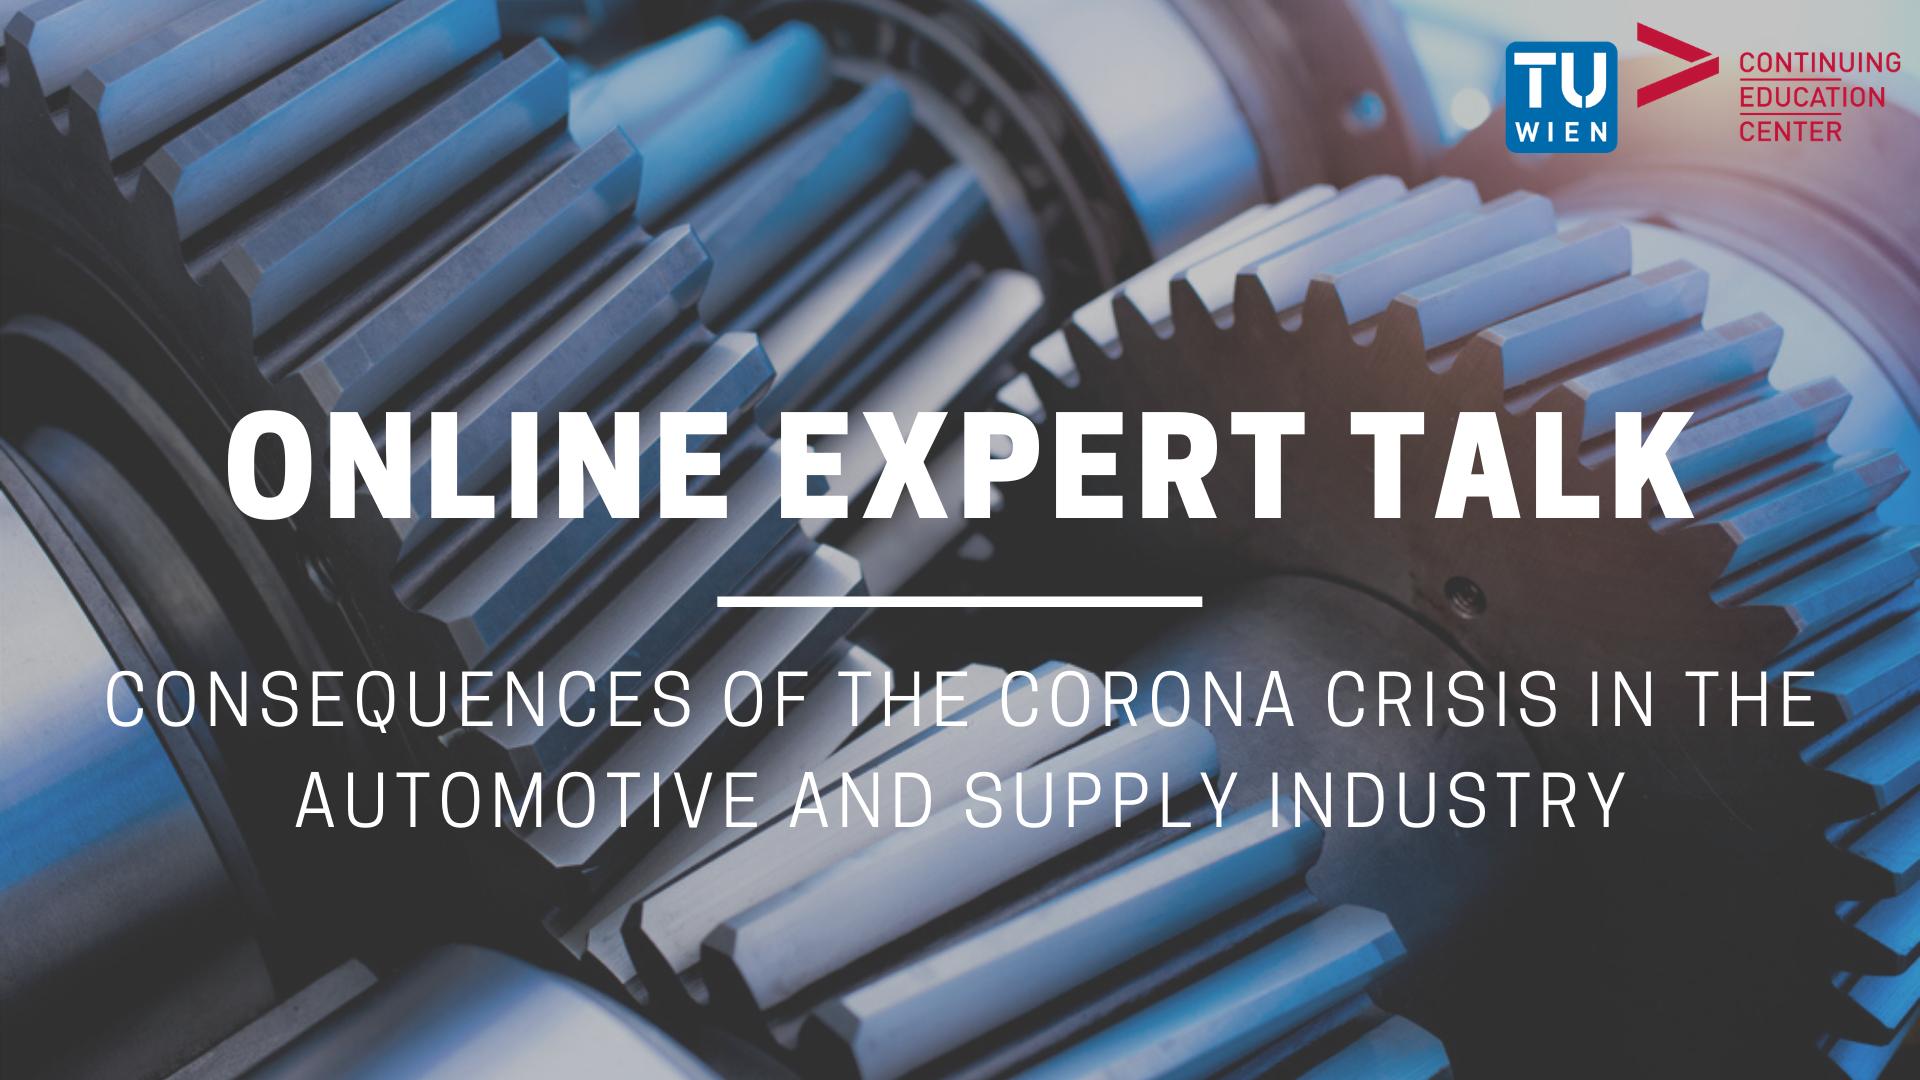 Online Expert Talk der TU Wien über die Folgen der Coronakrise in der Automobil- & Zulieferindustrie